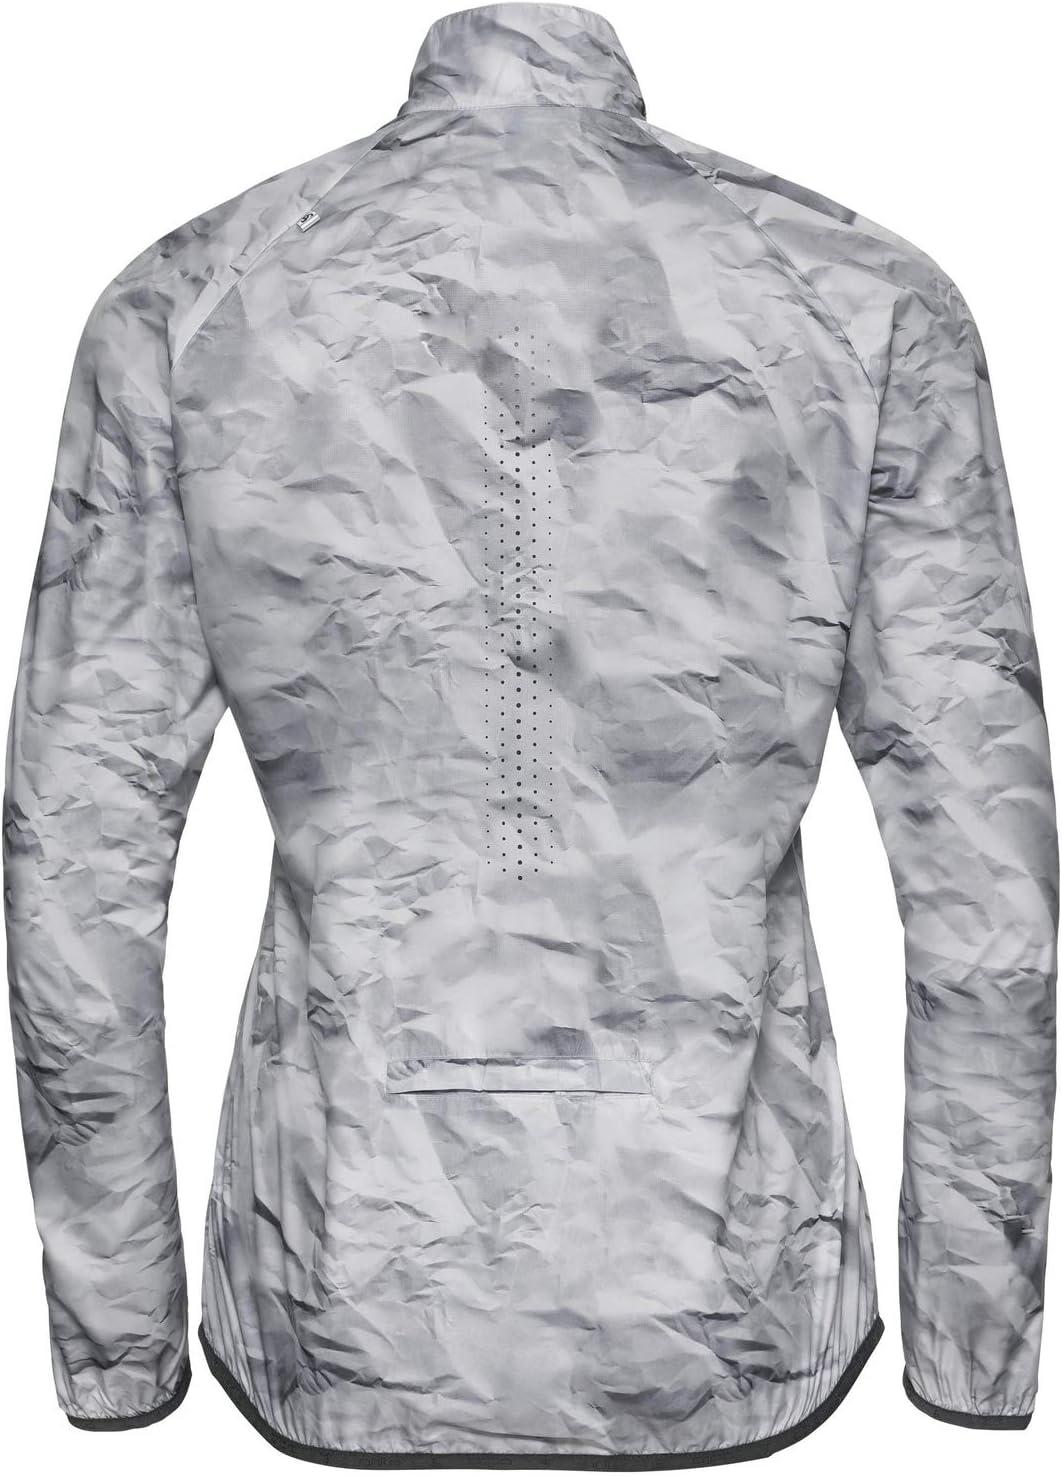 Odlo Damen Zeroweight Trainingsjacke Silber Jacken Grau